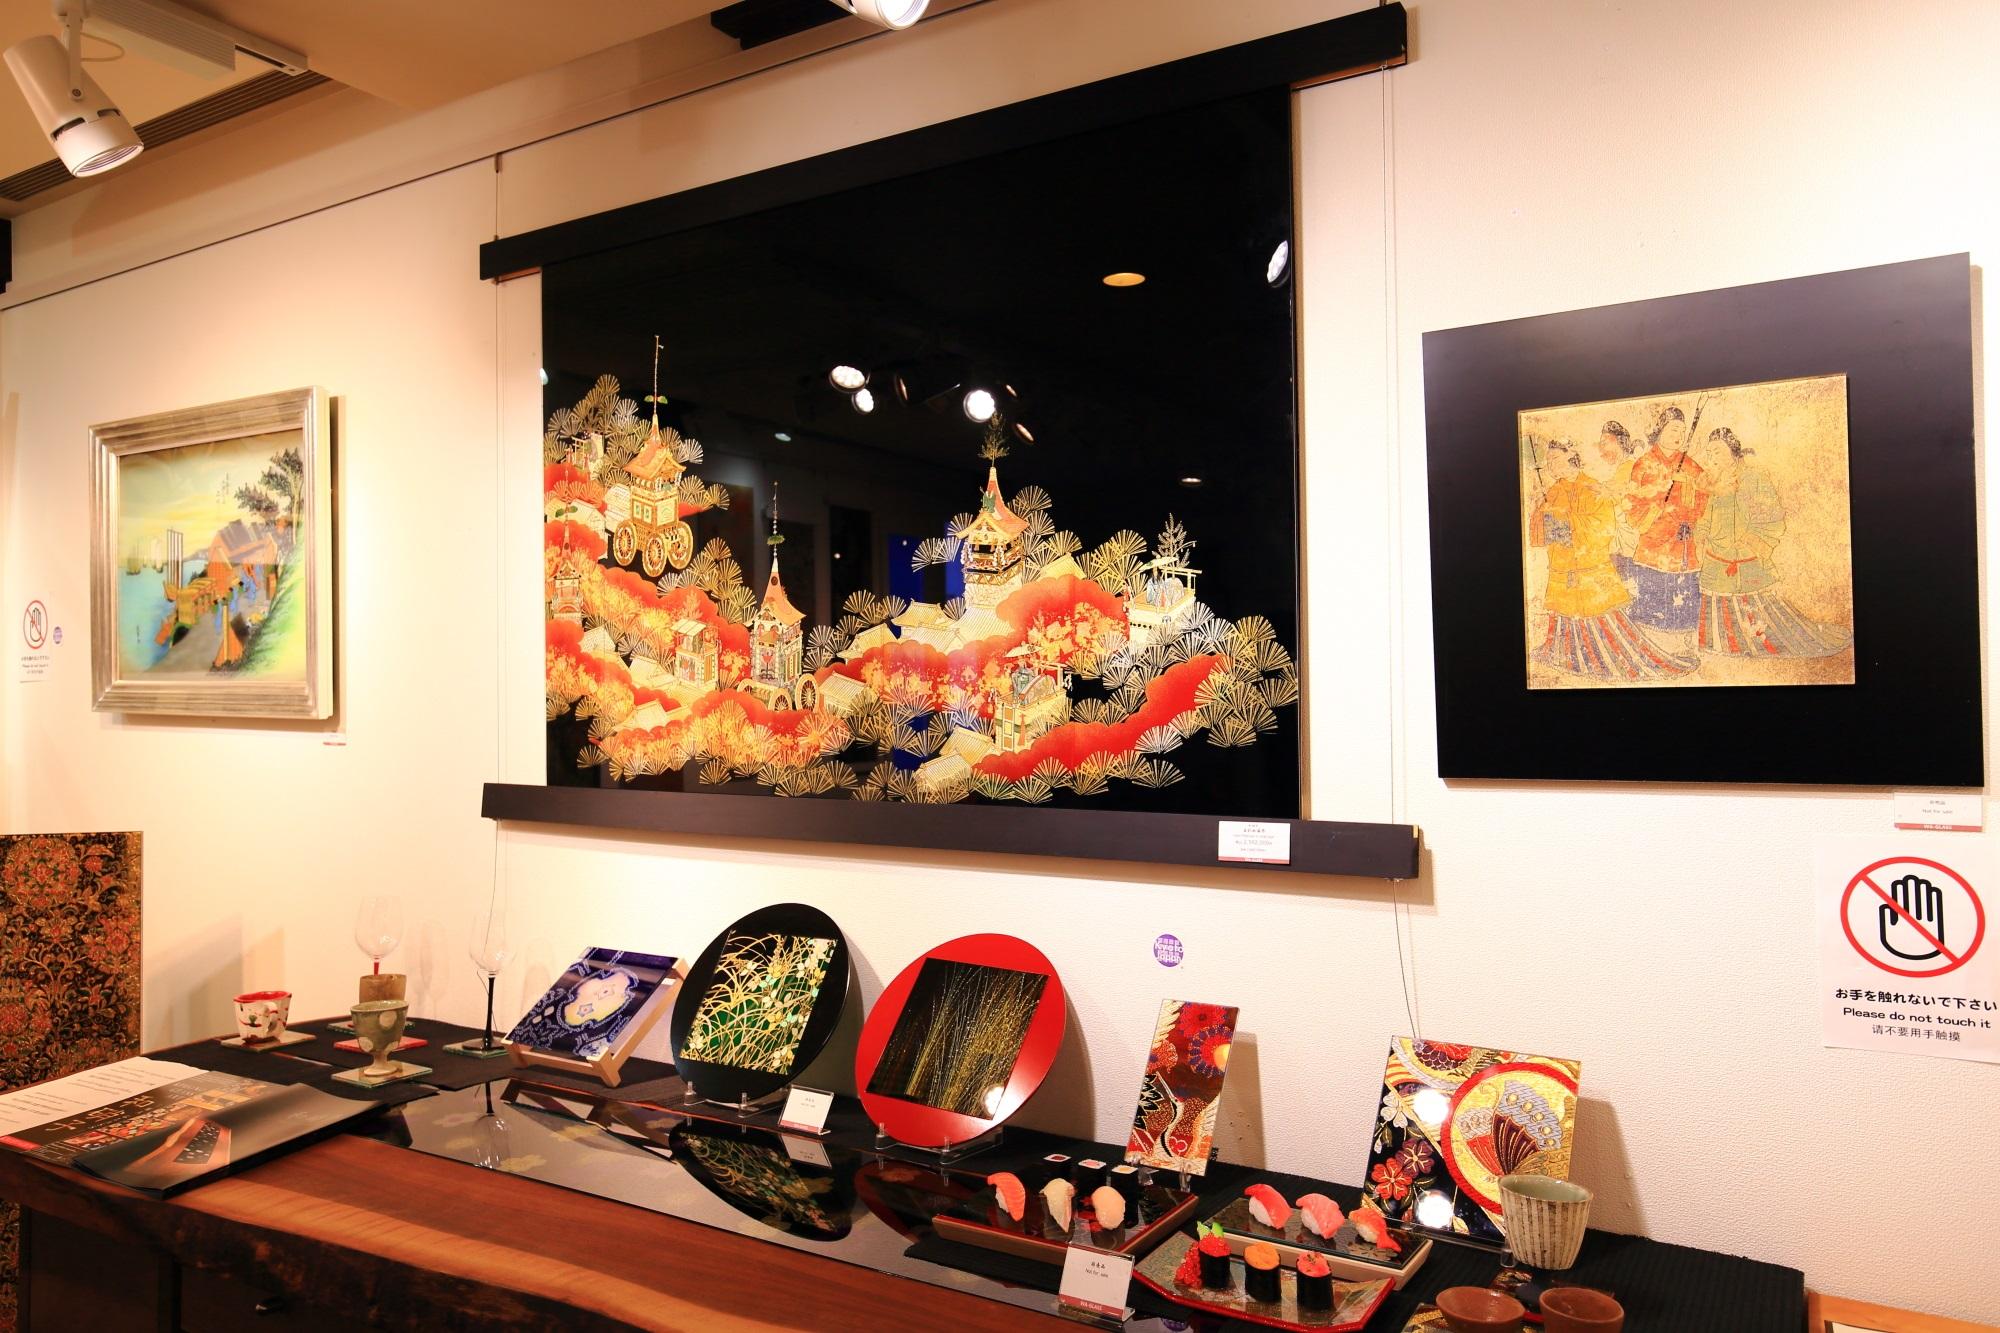 和硝子屋祇園ギャラリーの芸術的な和柄のガラス